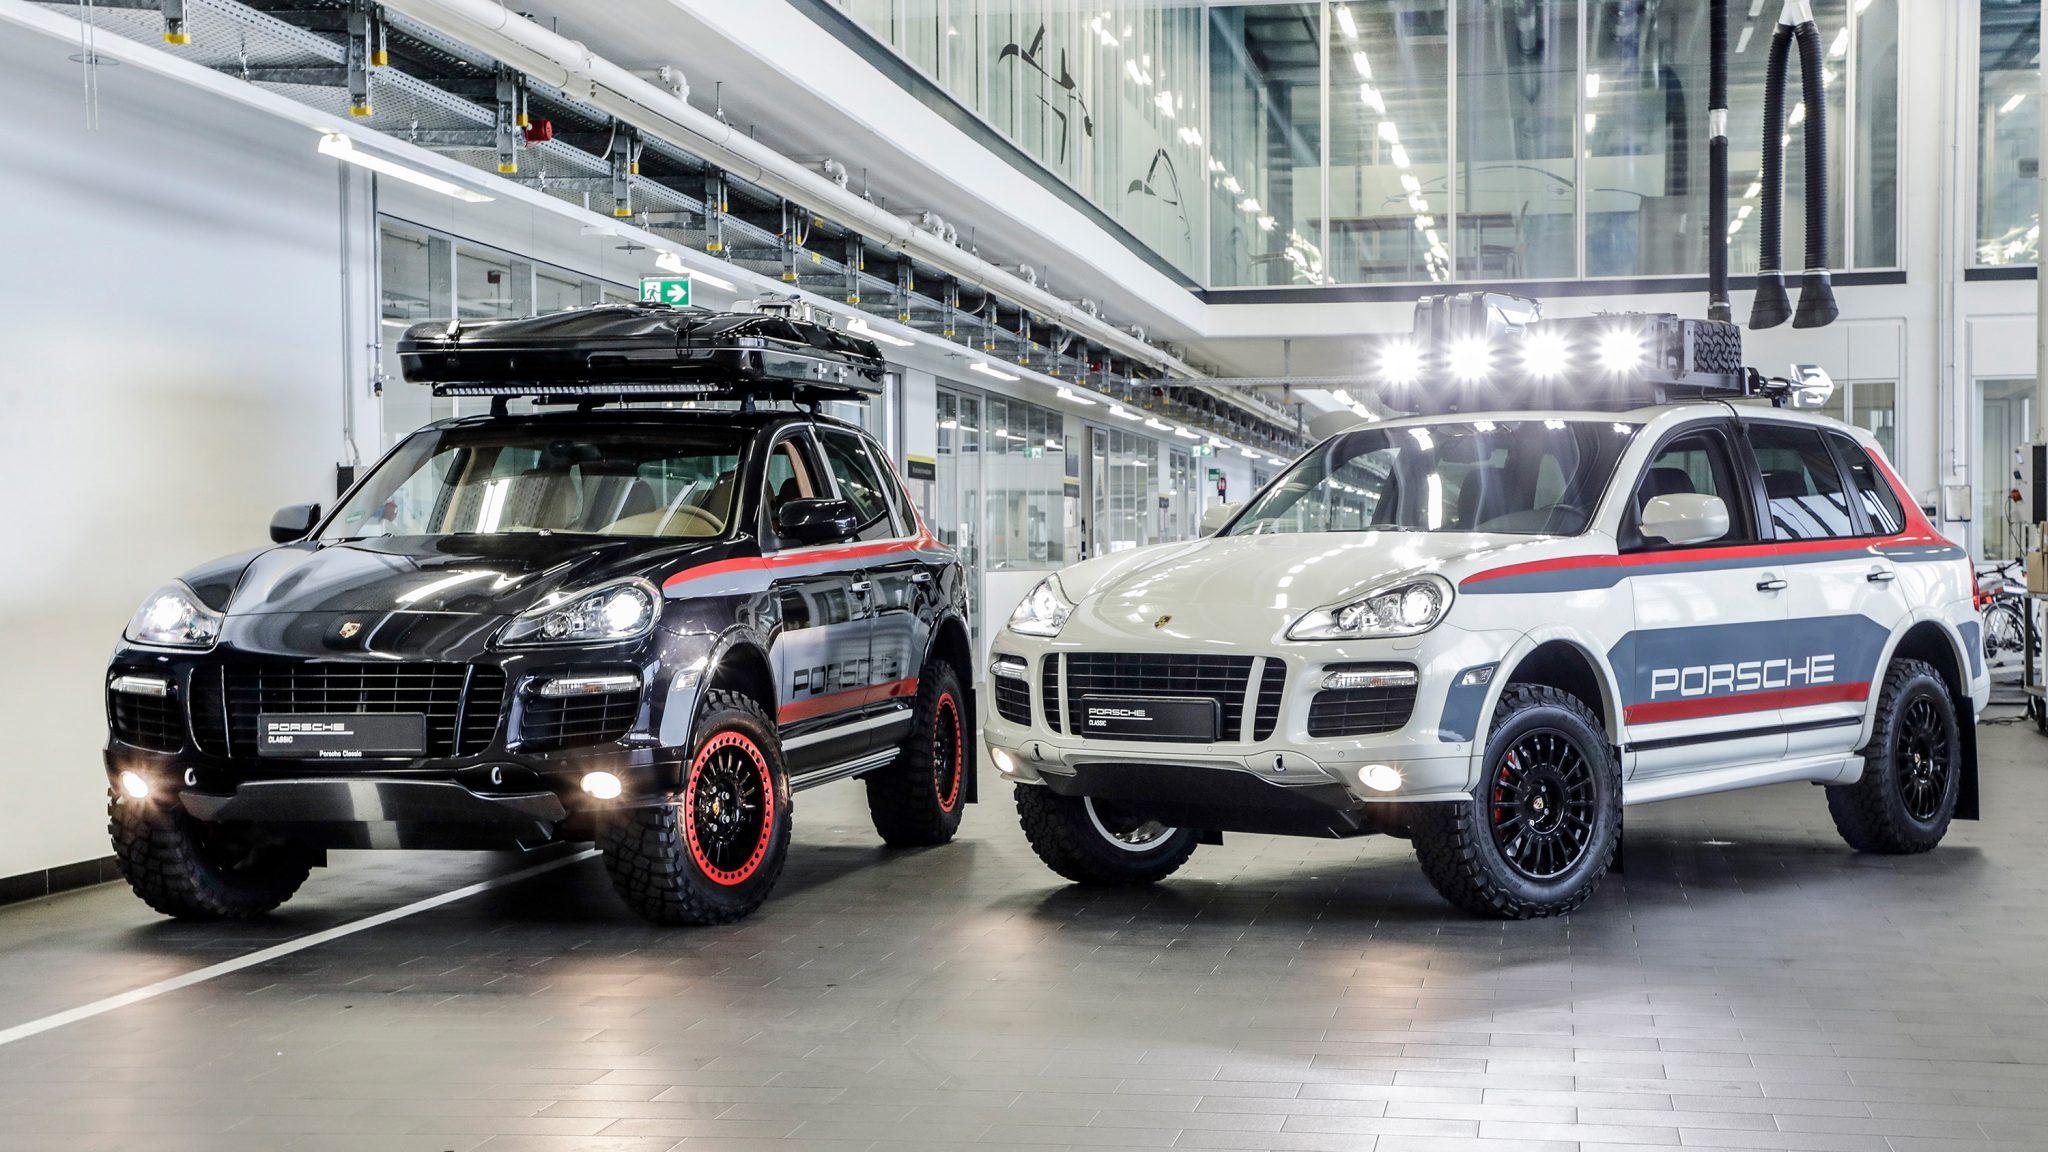 Porsche Cayenne 1e generatie Porsche tequipment